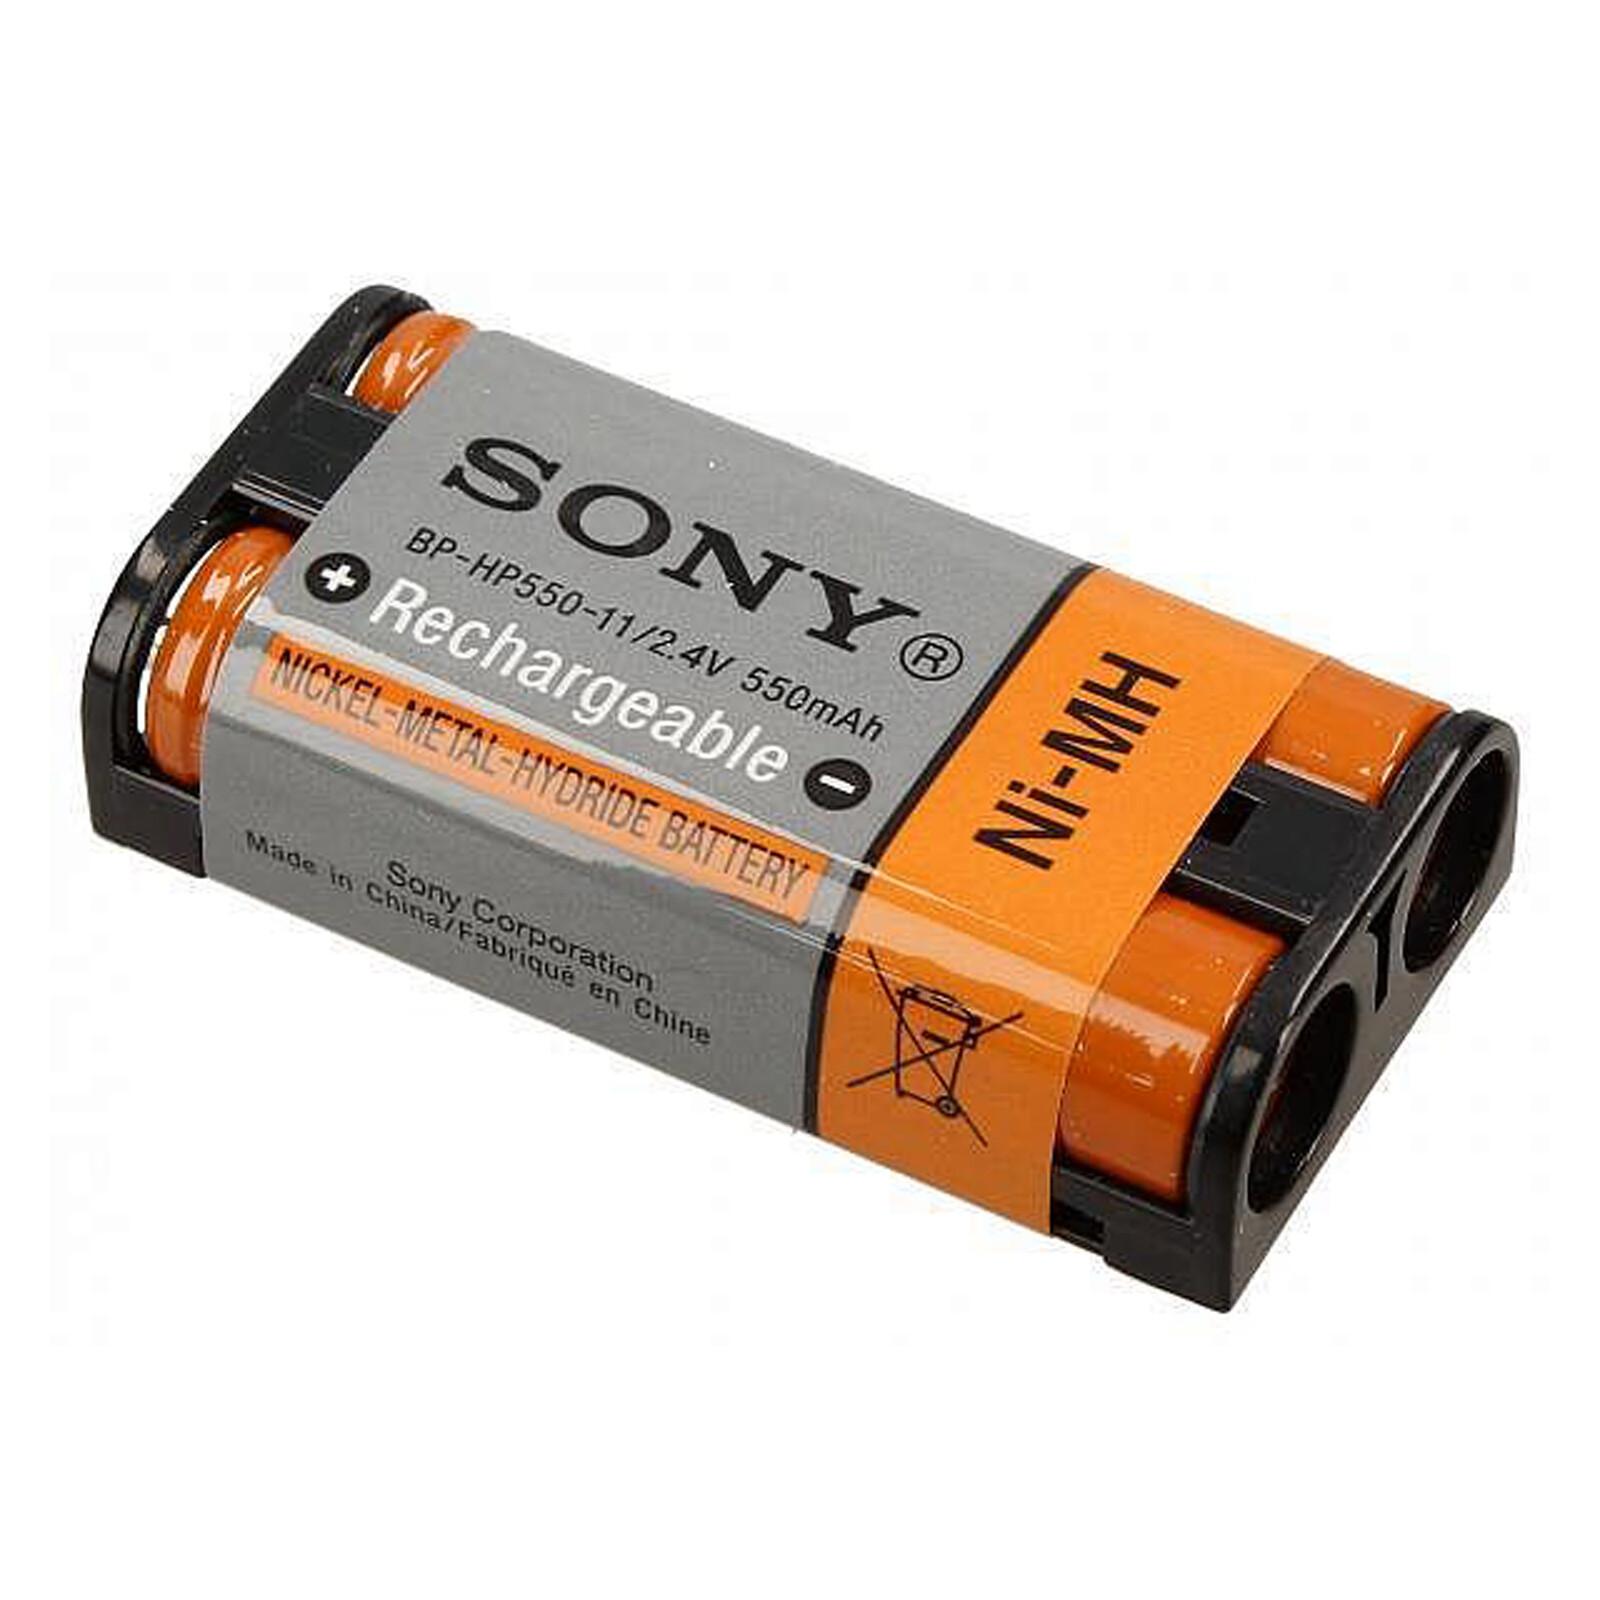 Sony Akku BP-HP550-11 550mAh